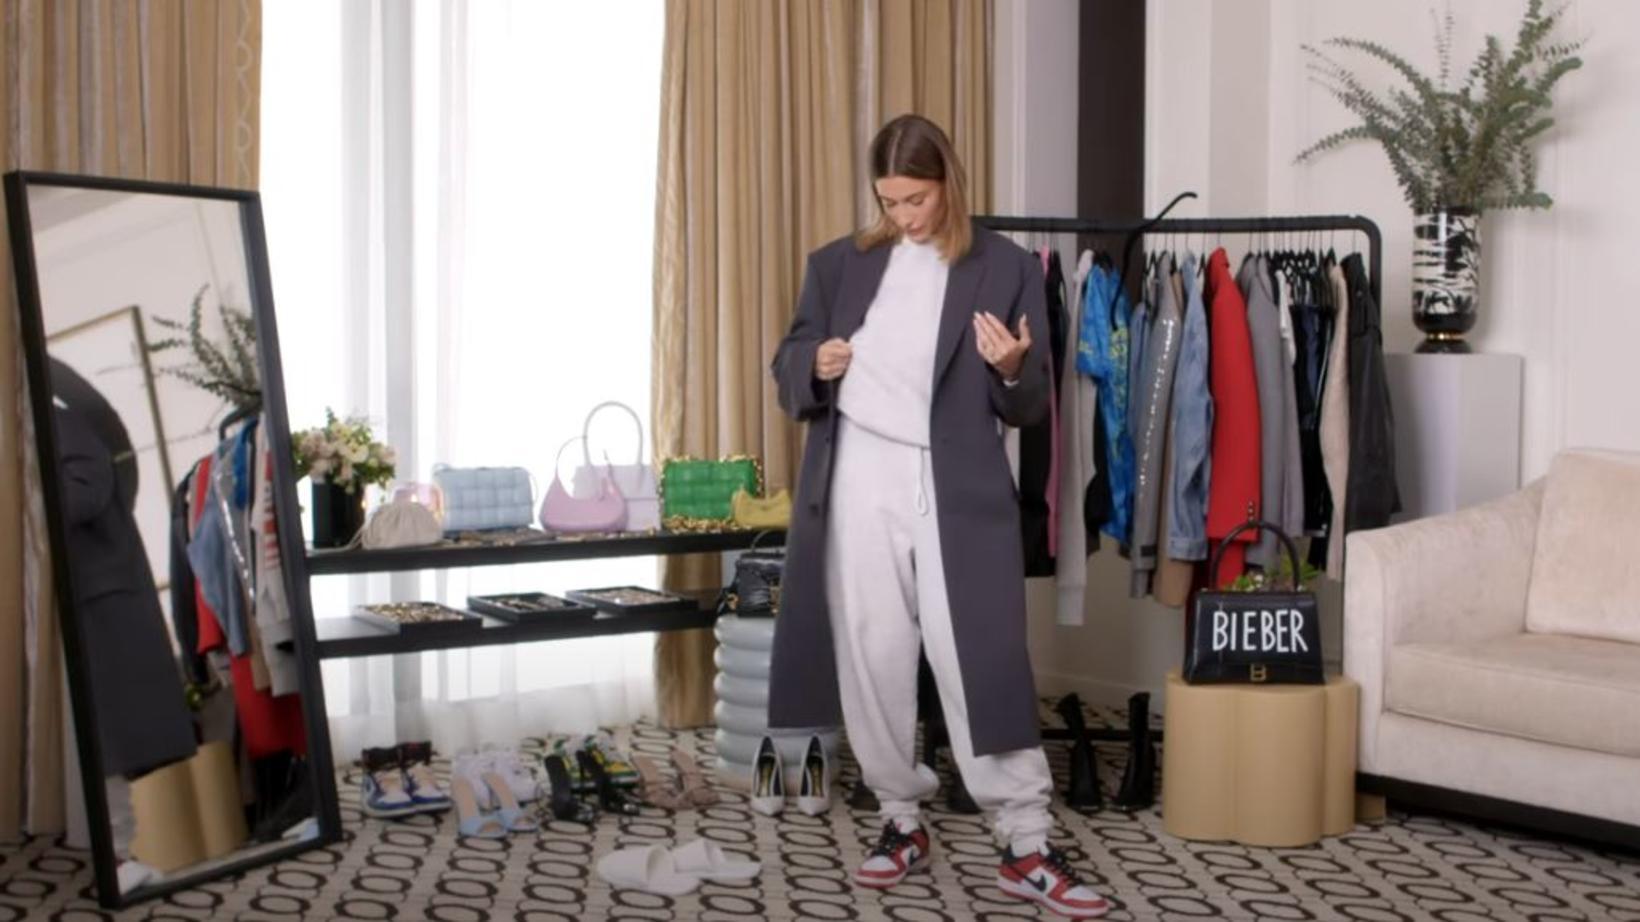 Við stóra jogginggallann er Bieber í stórum frakka.